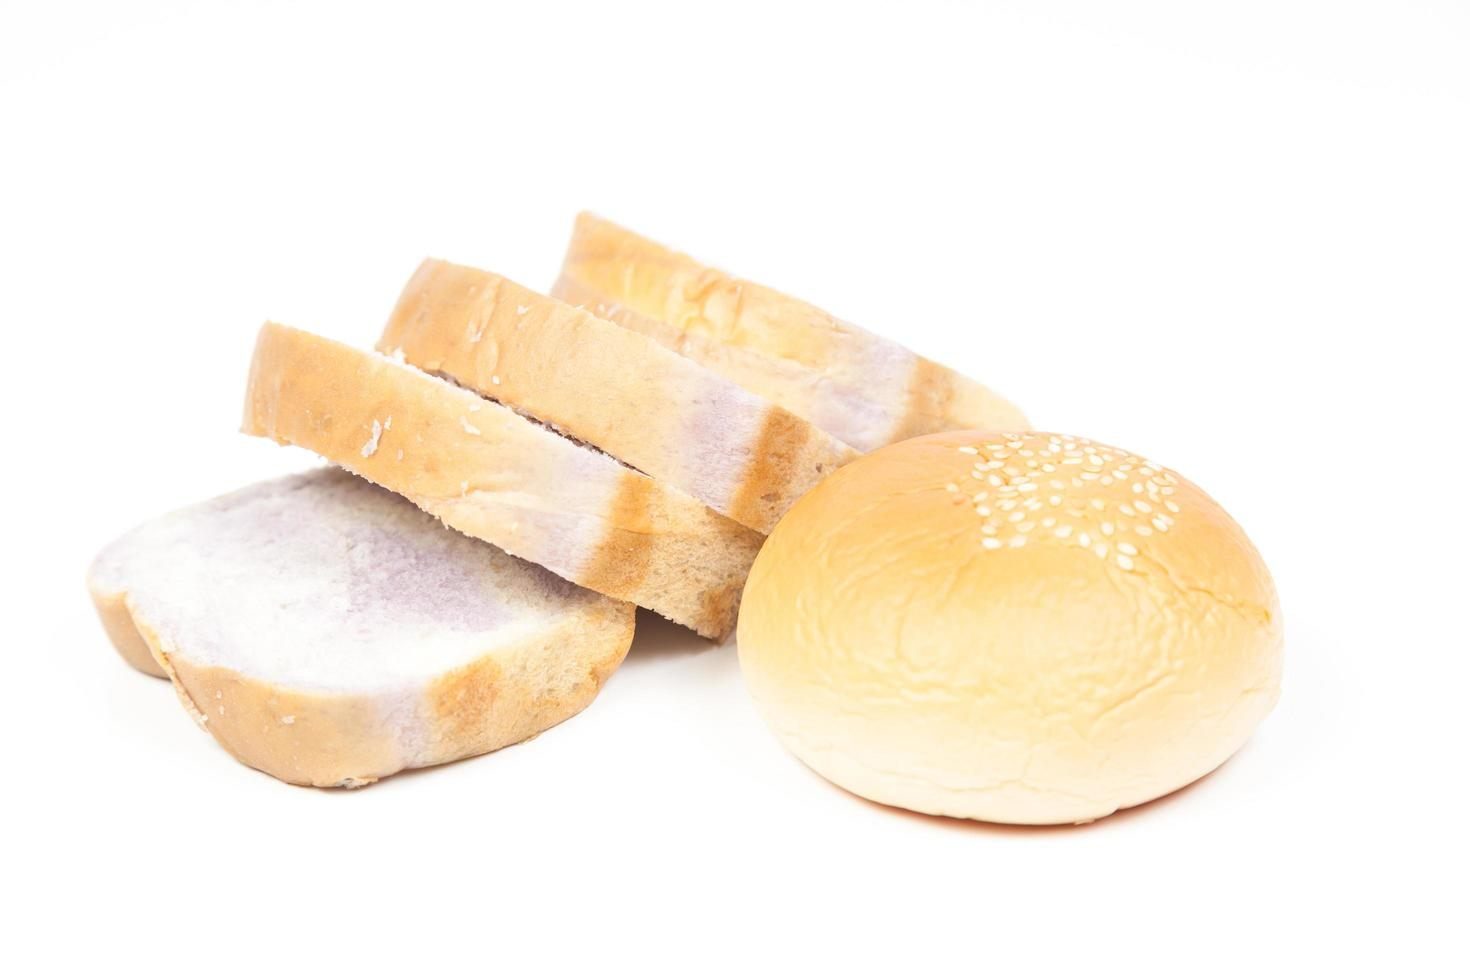 Brotscheiben lokalisiert auf weißem Hintergrund foto